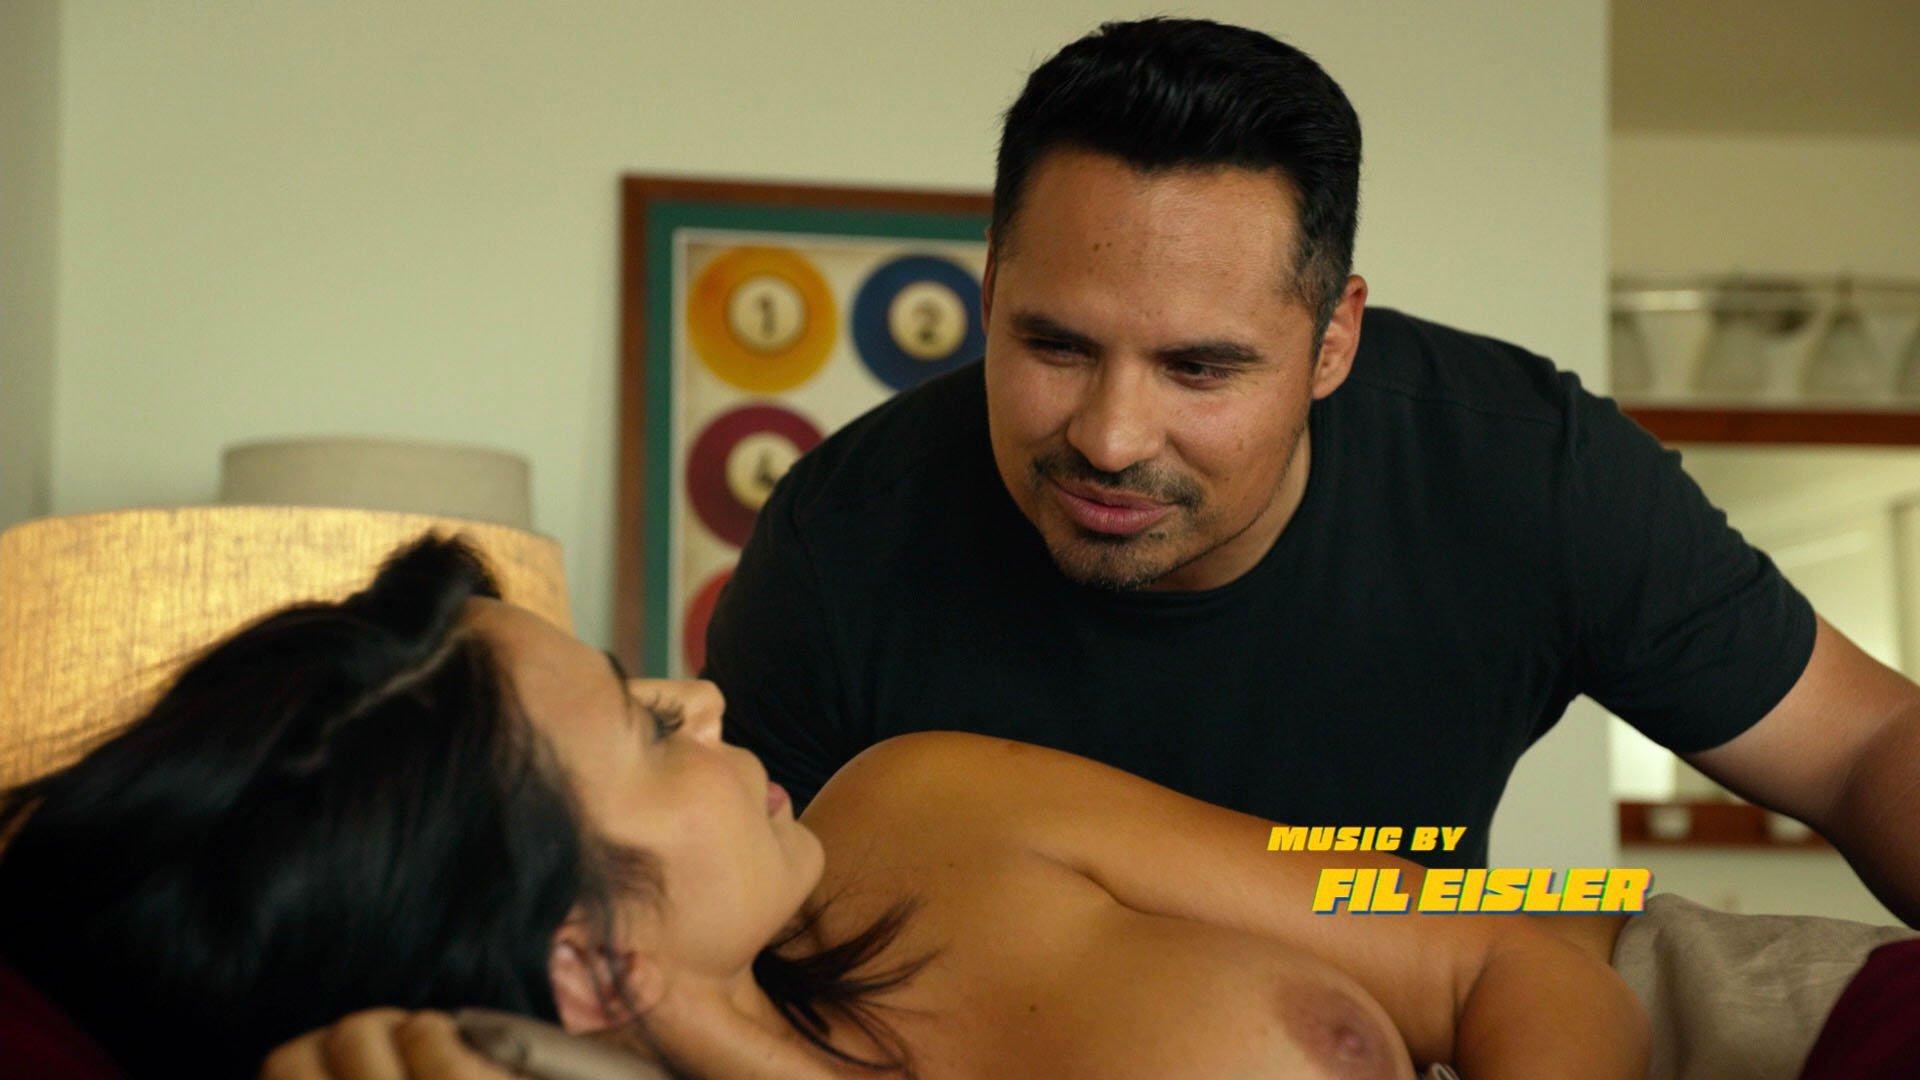 ari graynor hot photos porno